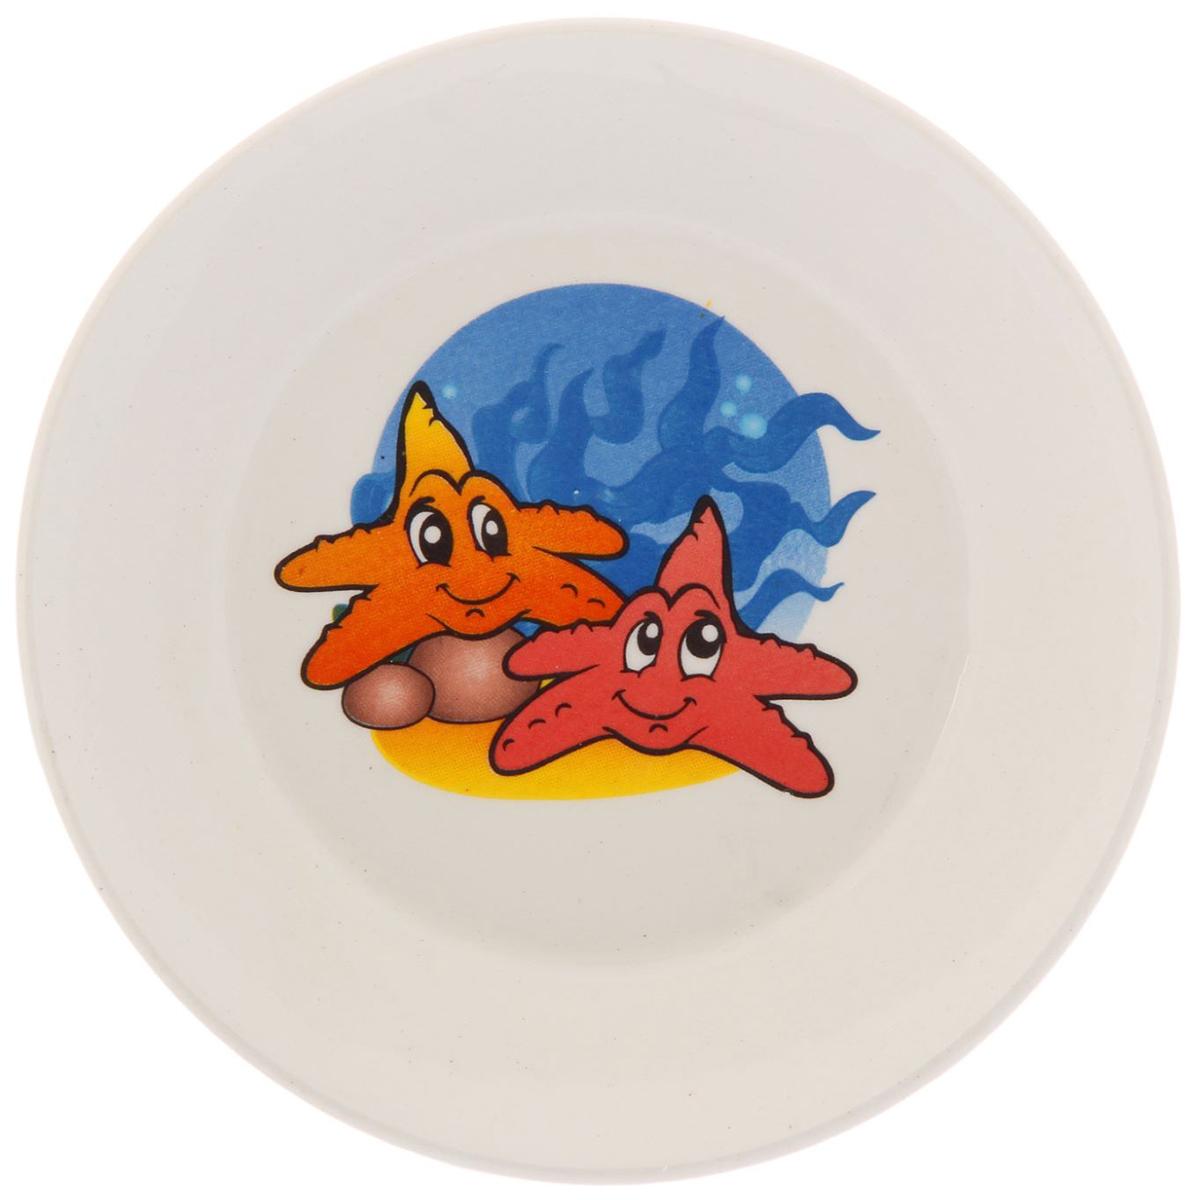 Кубаньфарфор Блюдце Морской мир осьминог2220069_осьминогКубаньфарфор Блюдце Морской мир осьминог